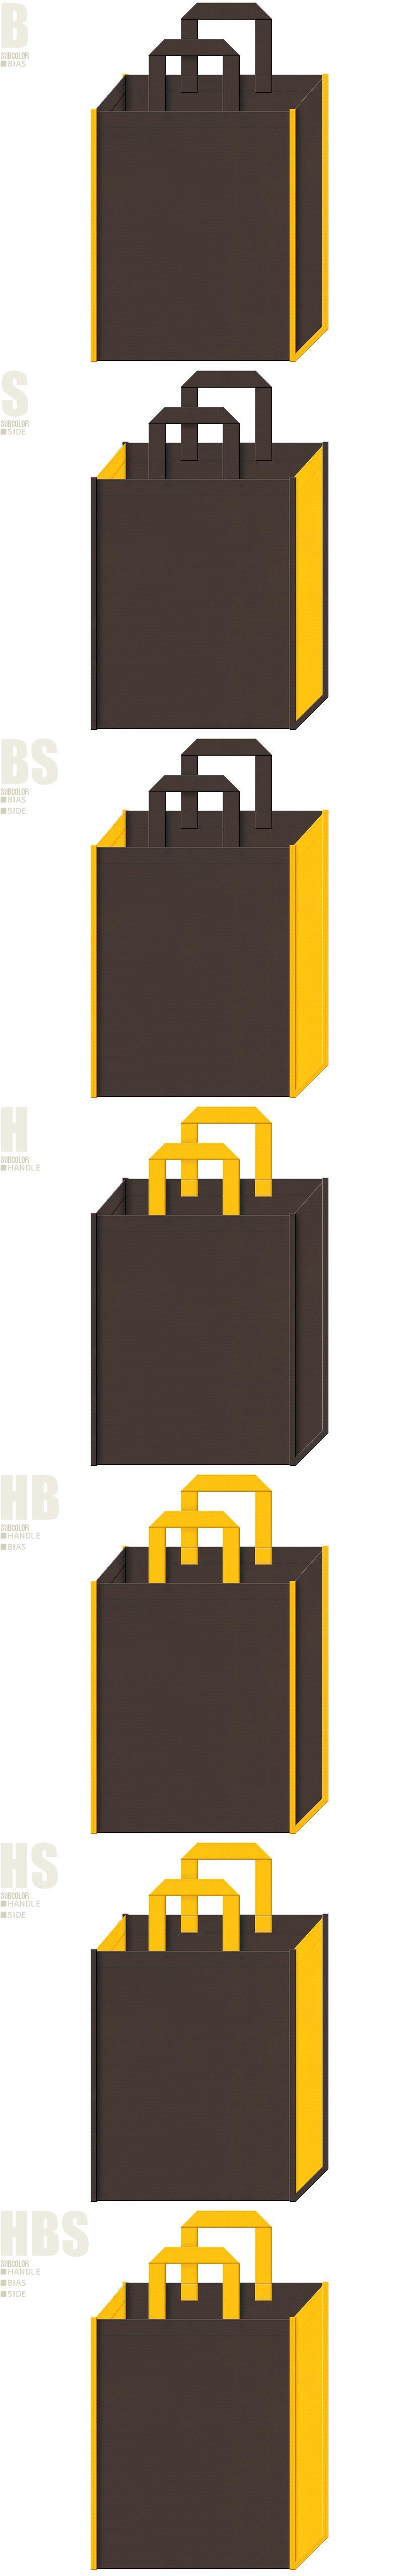 こげ茶色と黄色、7パターンの不織布トートバッグ配色デザイン例。スイーツの展示会用バッグにお奨めです。ハチミツ、栗入りぜんざい、カステラのイメージ